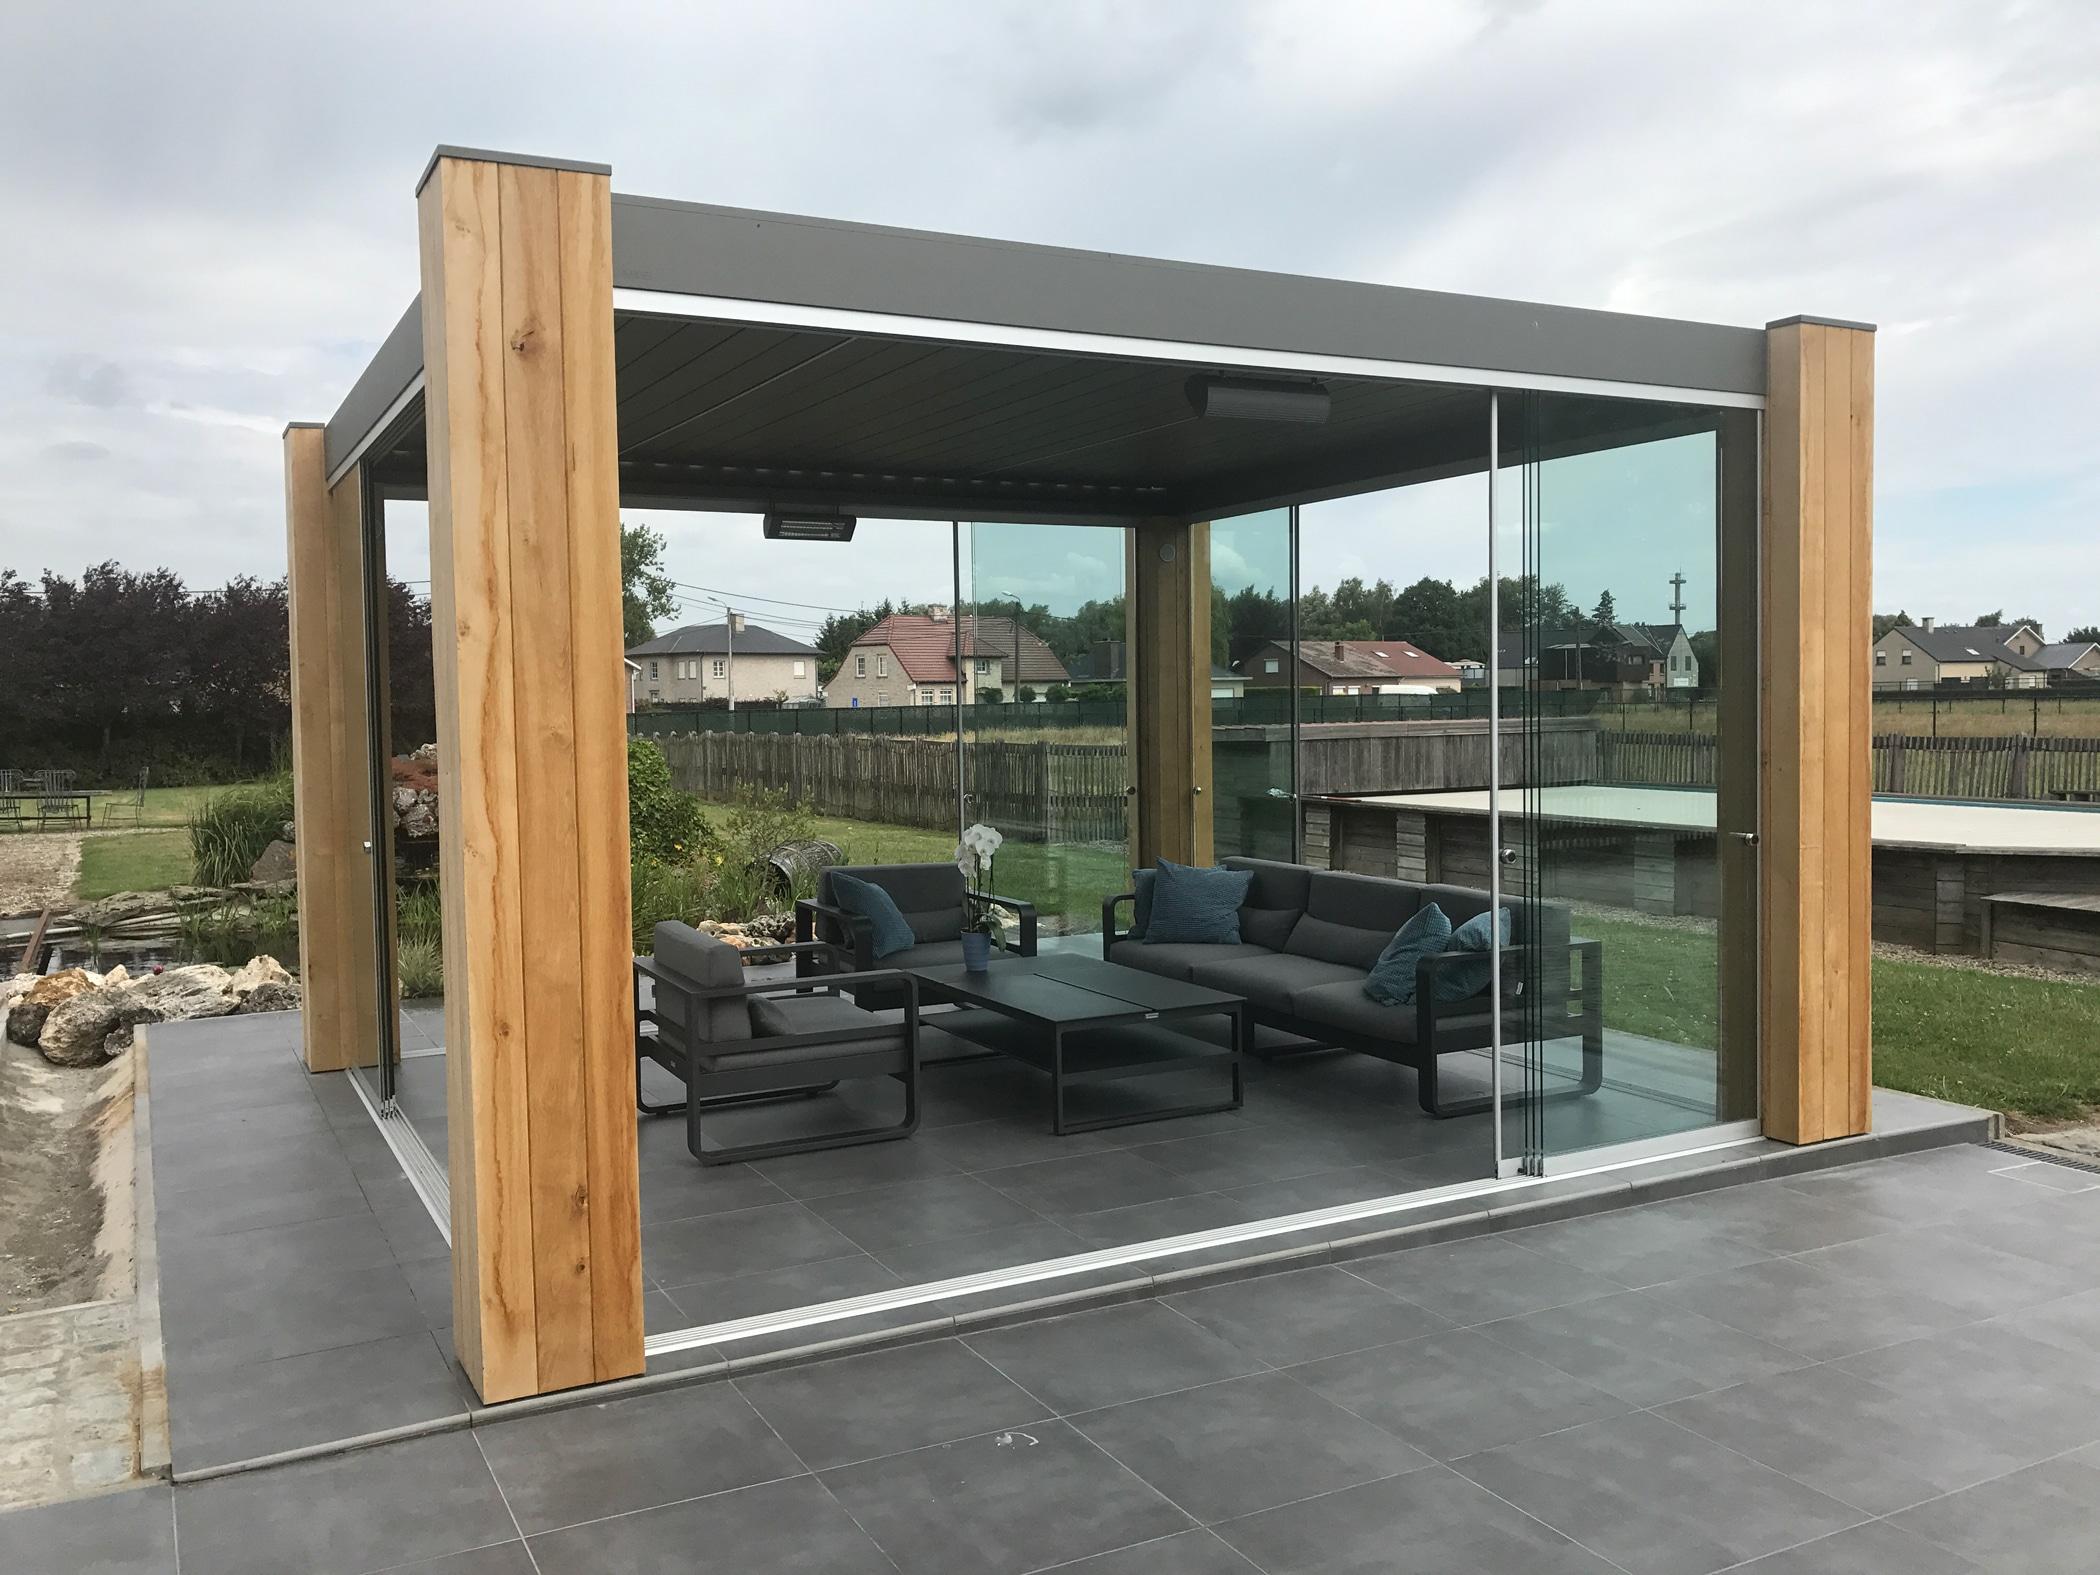 Wintergarten für Terrasse - freistehende Konstruktion